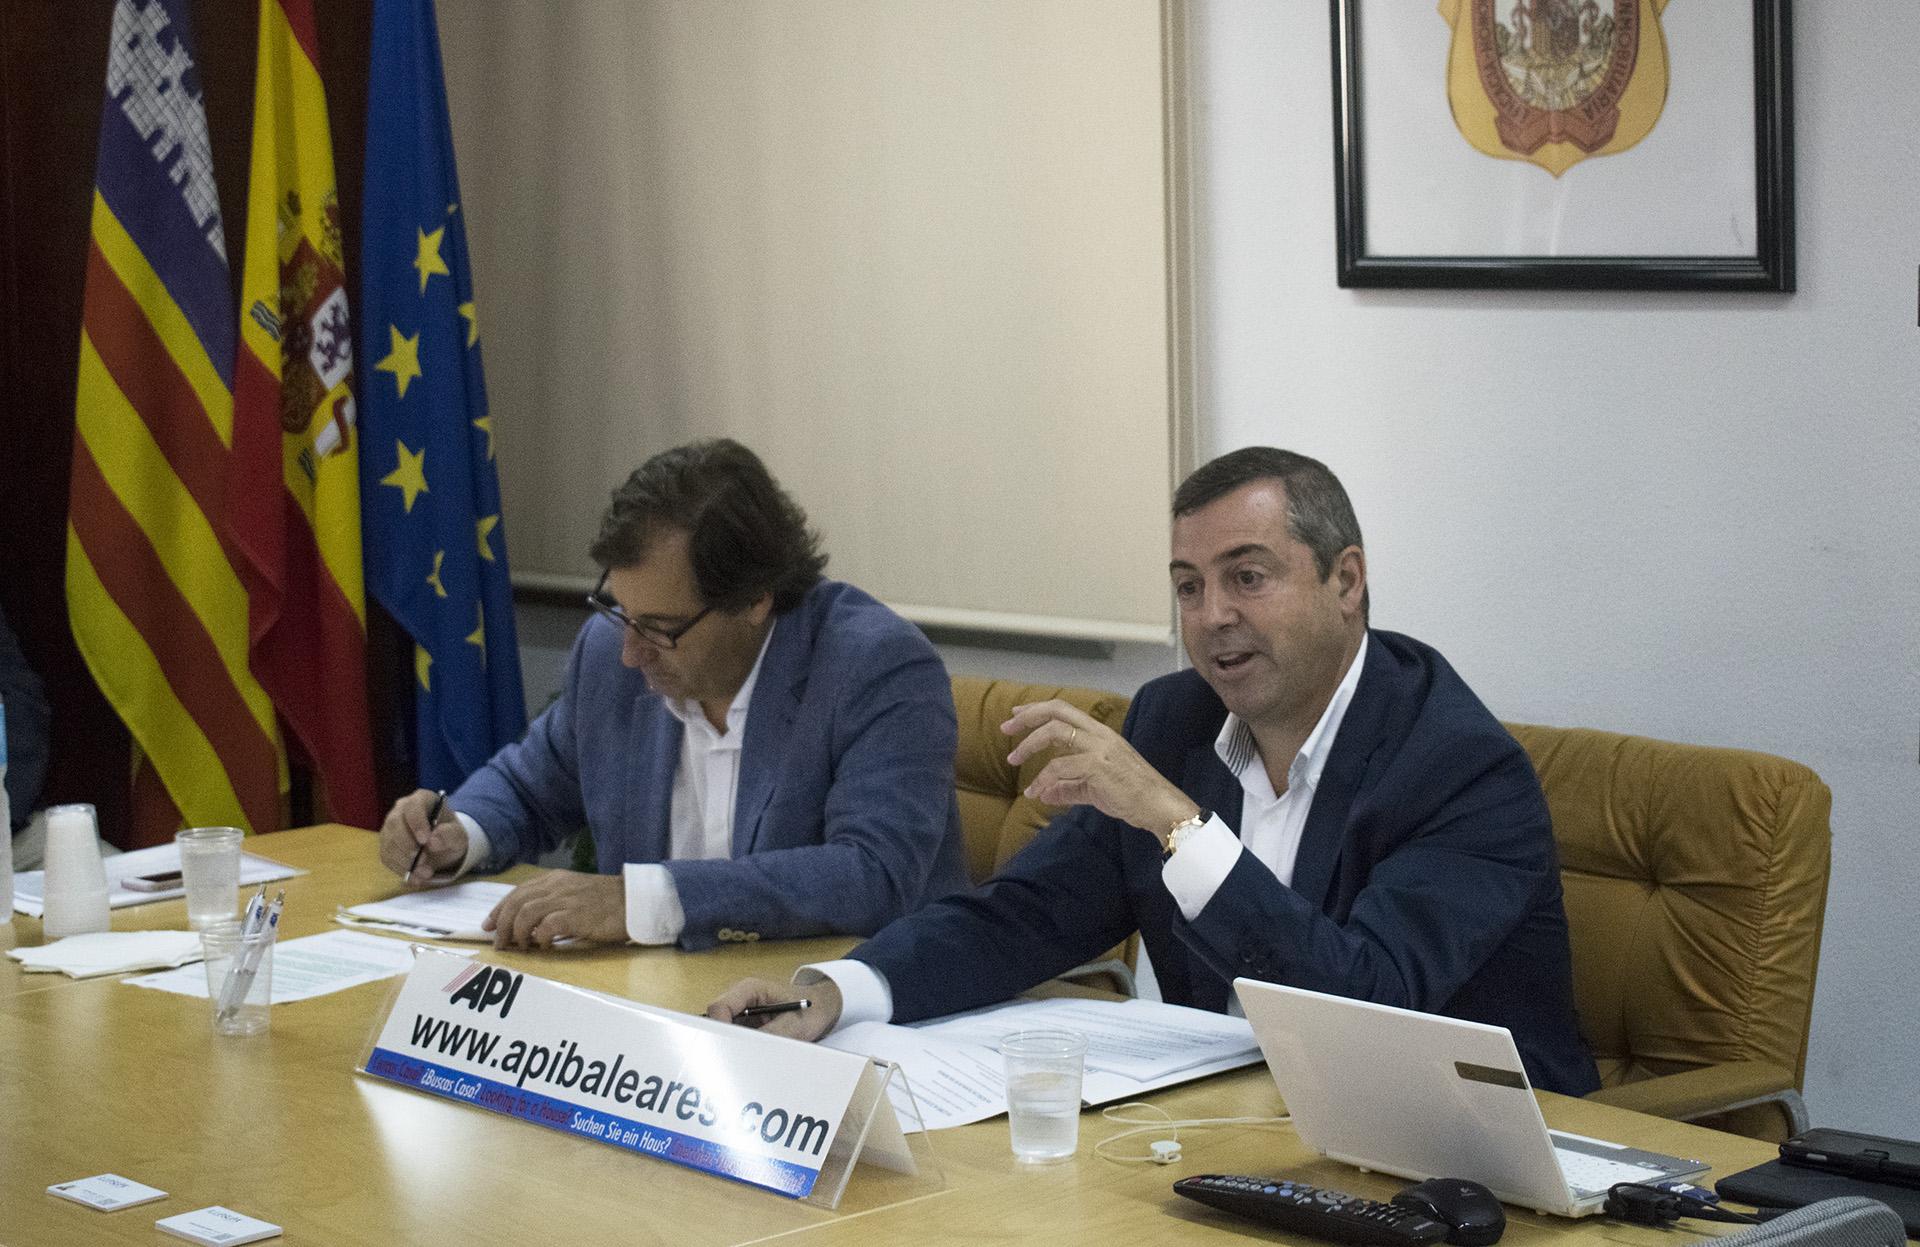 Illeslex participa en las Primeras Jornadas Inmobiliarias de Baleares